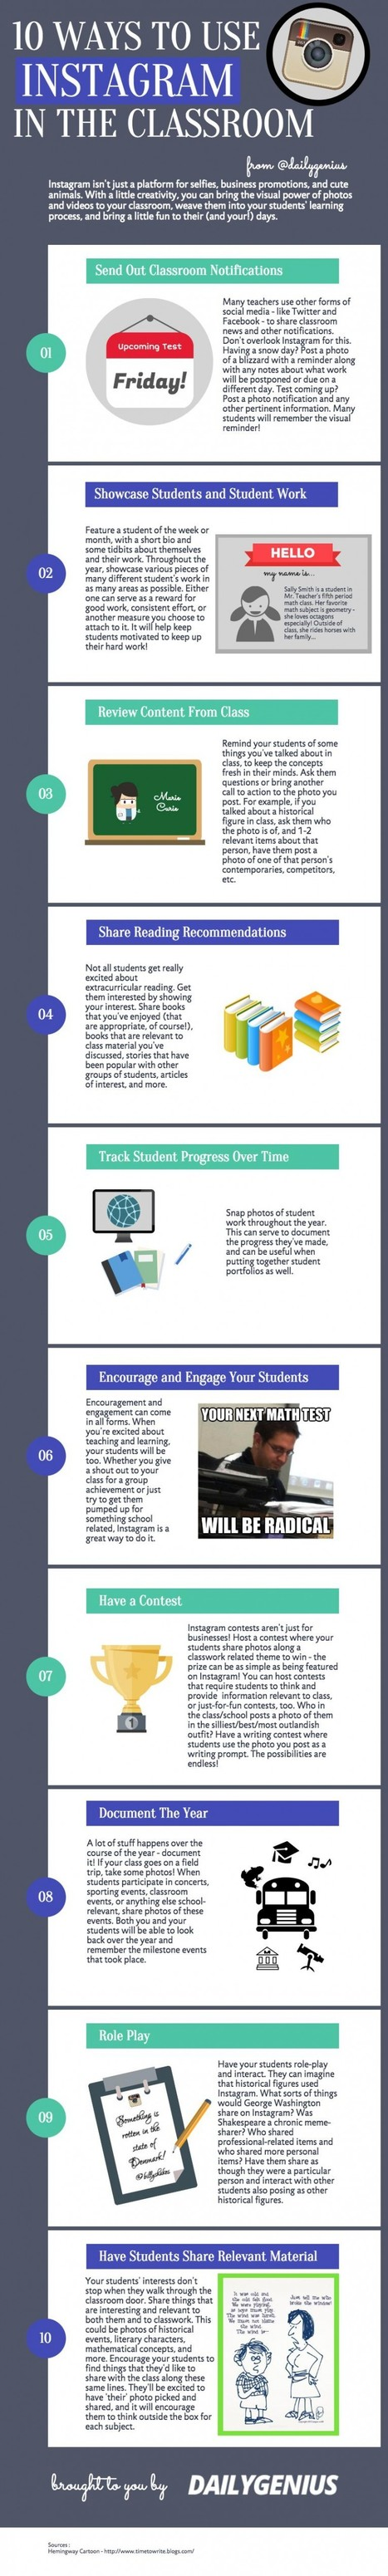 10 maneras de utilizar Instagram en el aula con nuestros estudiantes, recordad que es su red favorita #edchat - Inevery Crea | Pedalogica: educación y TIC | Scoop.it